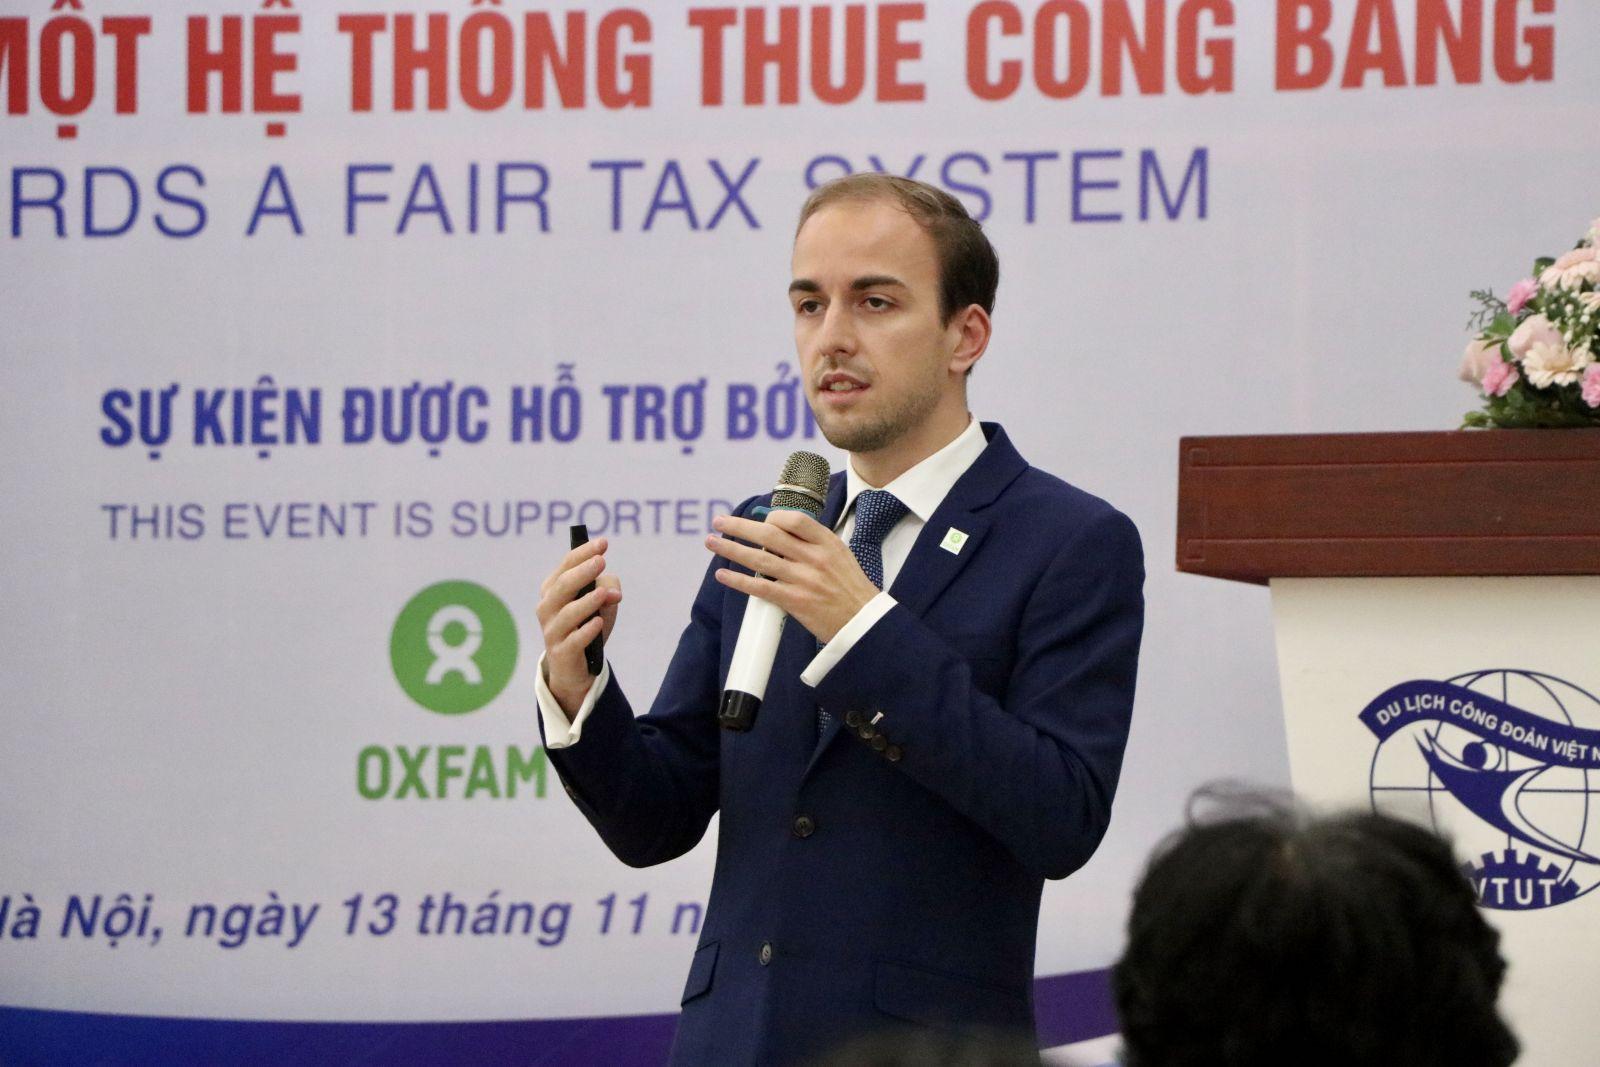 Ông Johan Langerock, Chuyên gia Thuế, tổ chức Oxfam